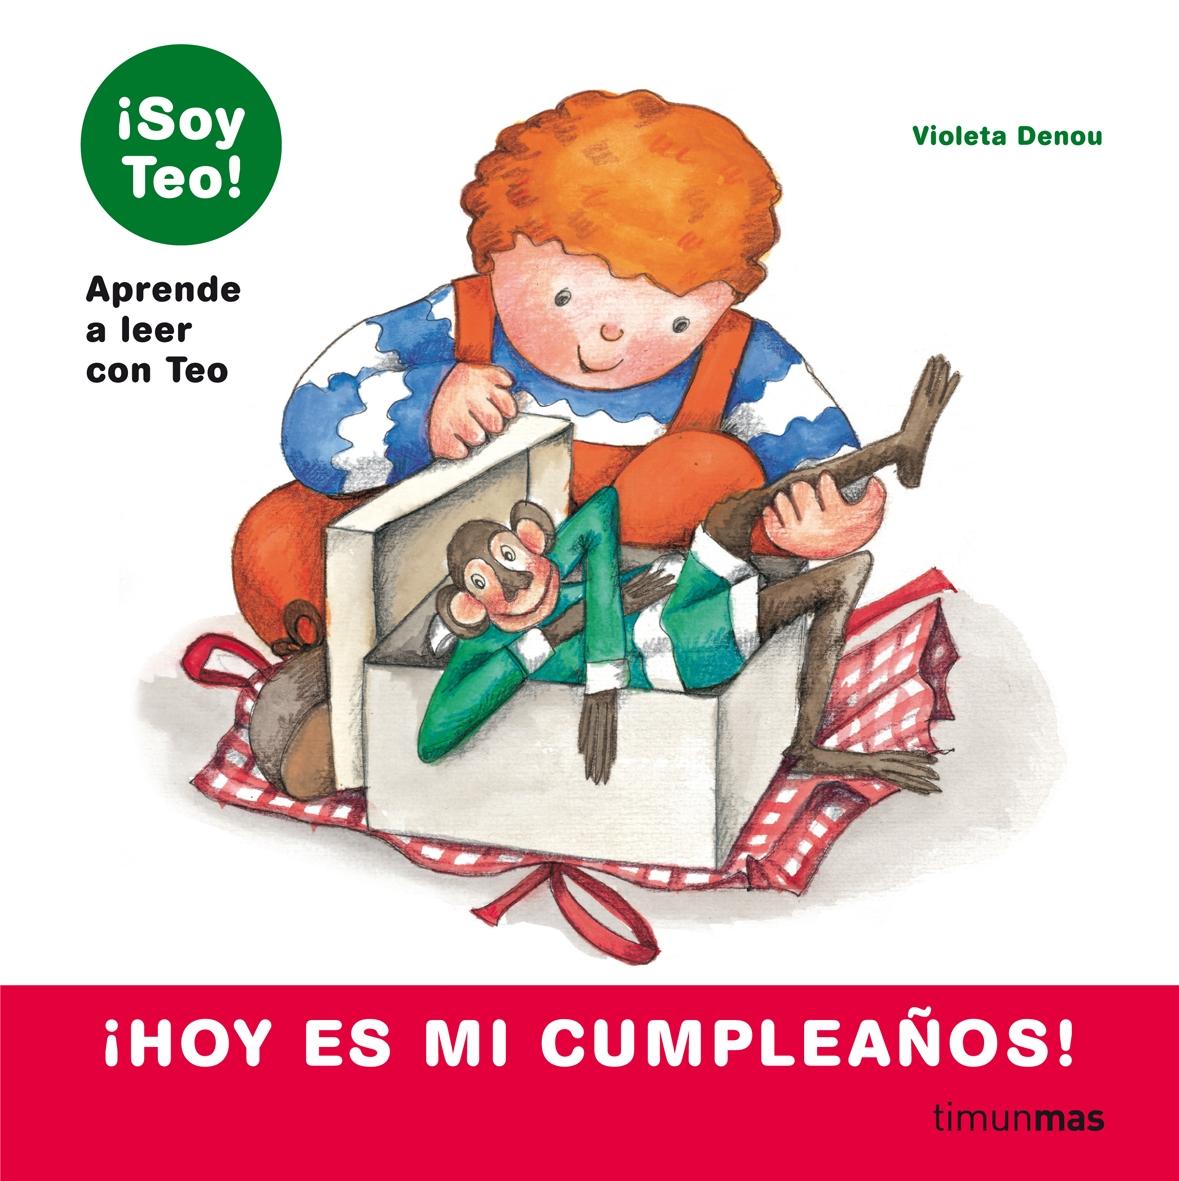 ¡Hoy es mi cumpleaños!